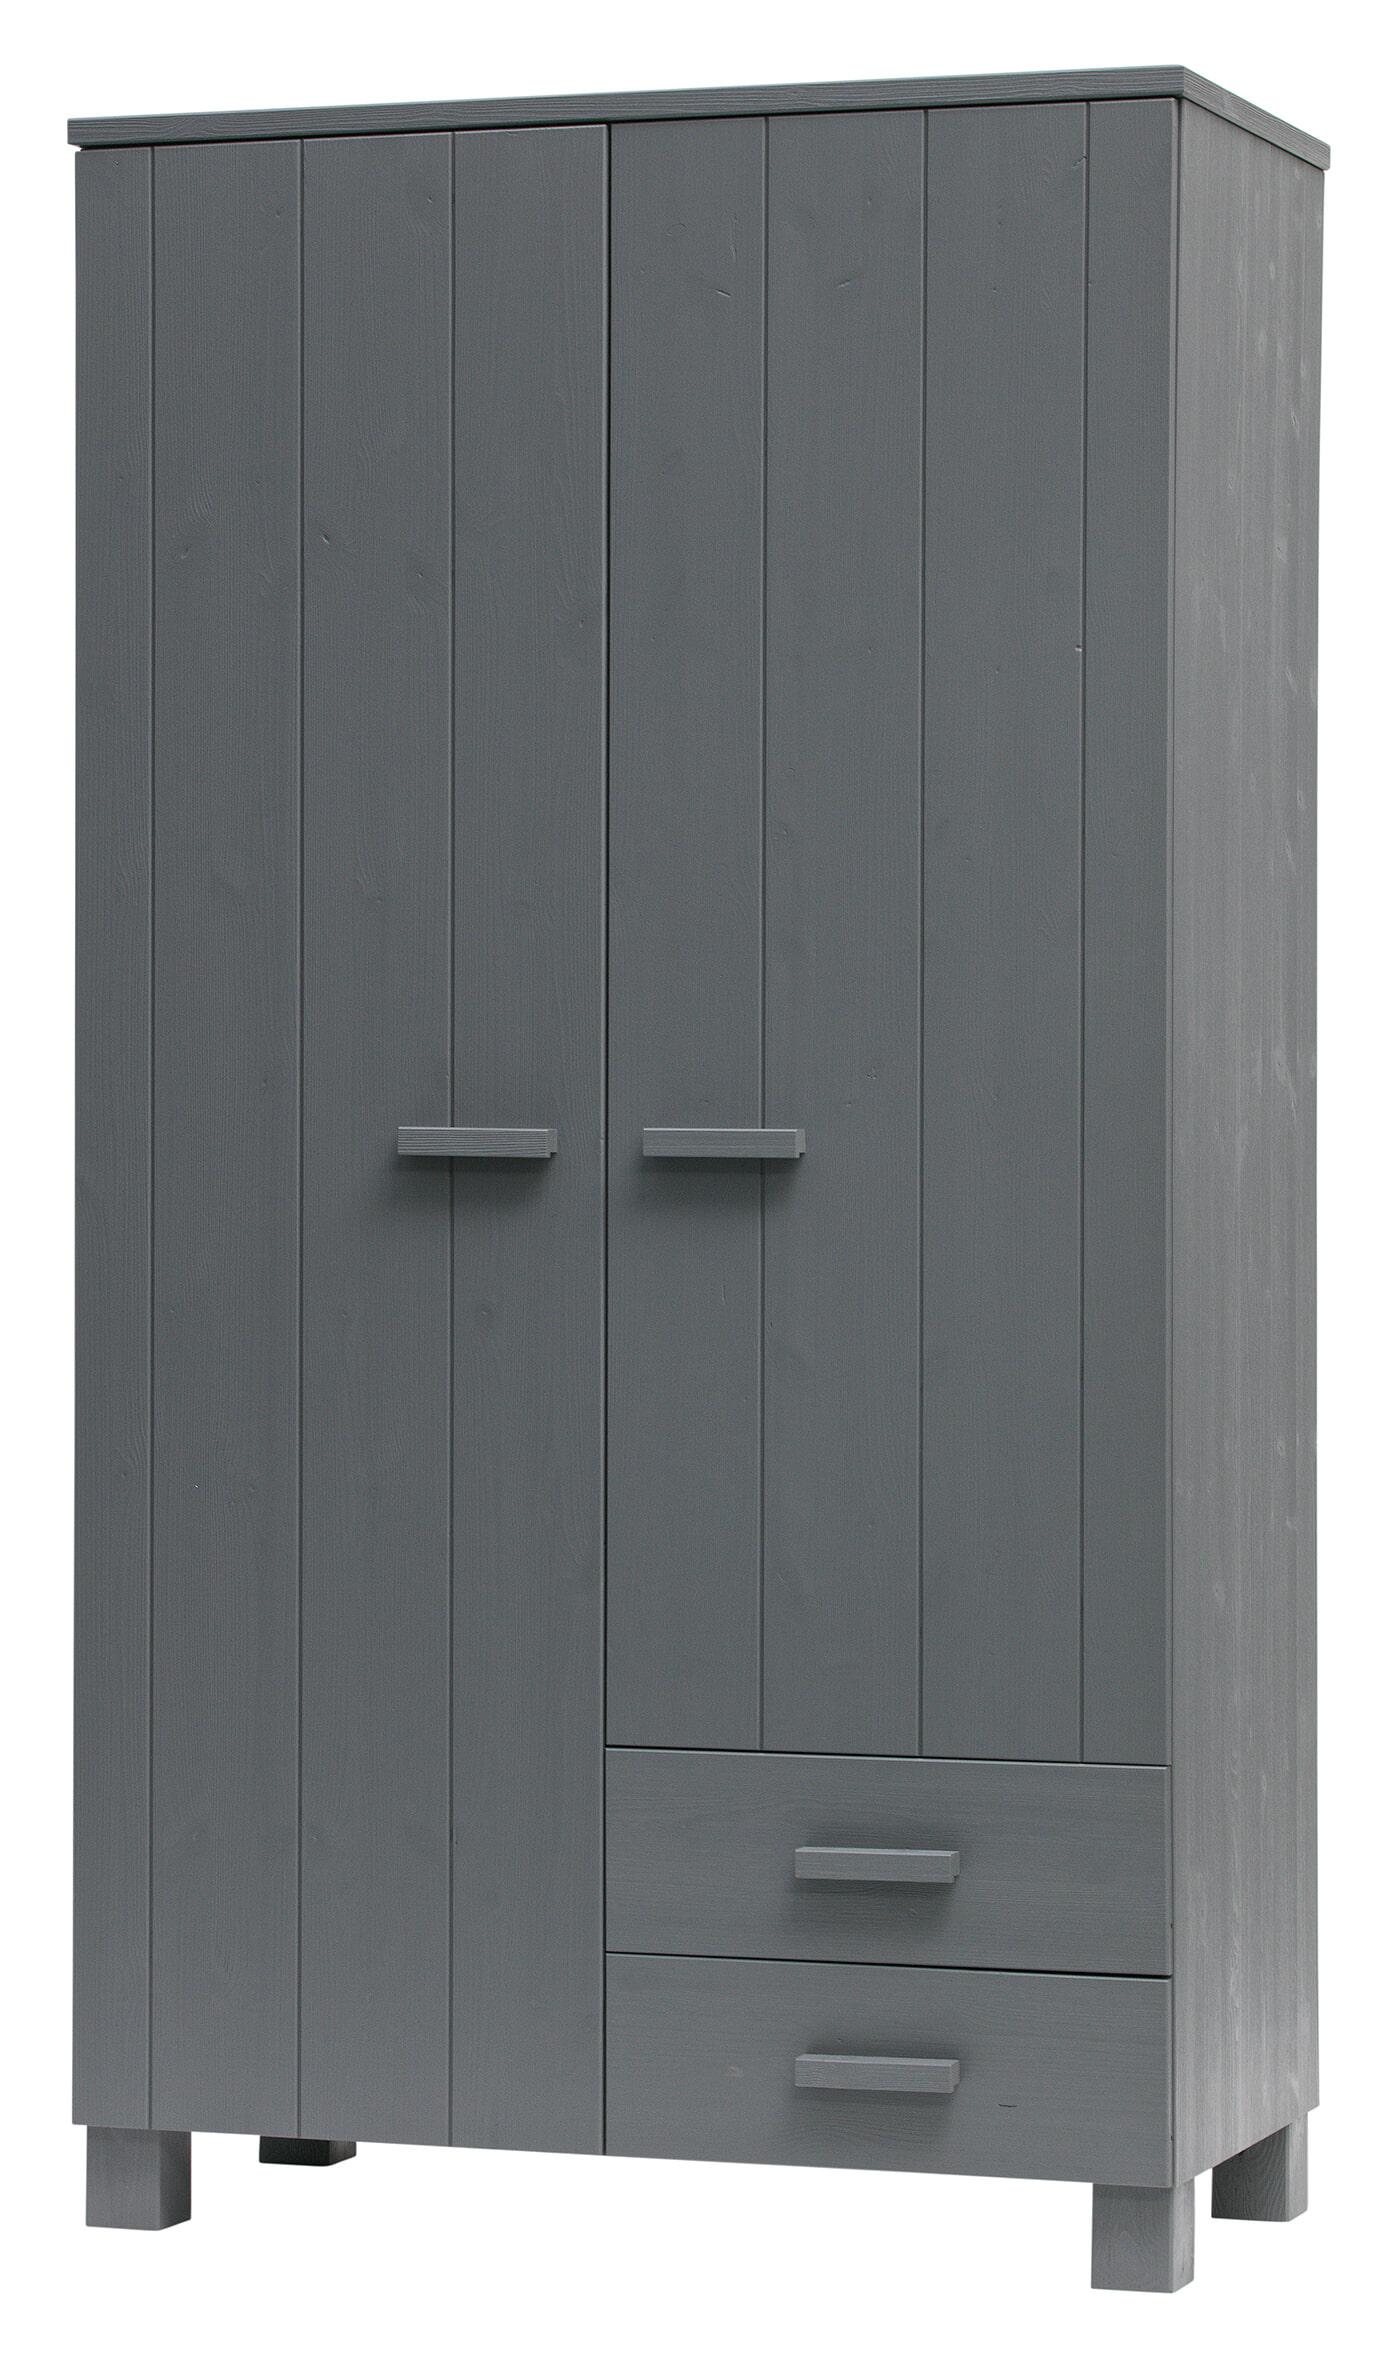 WOOOD Kledingkast 'Dennis', kleur Steel grey